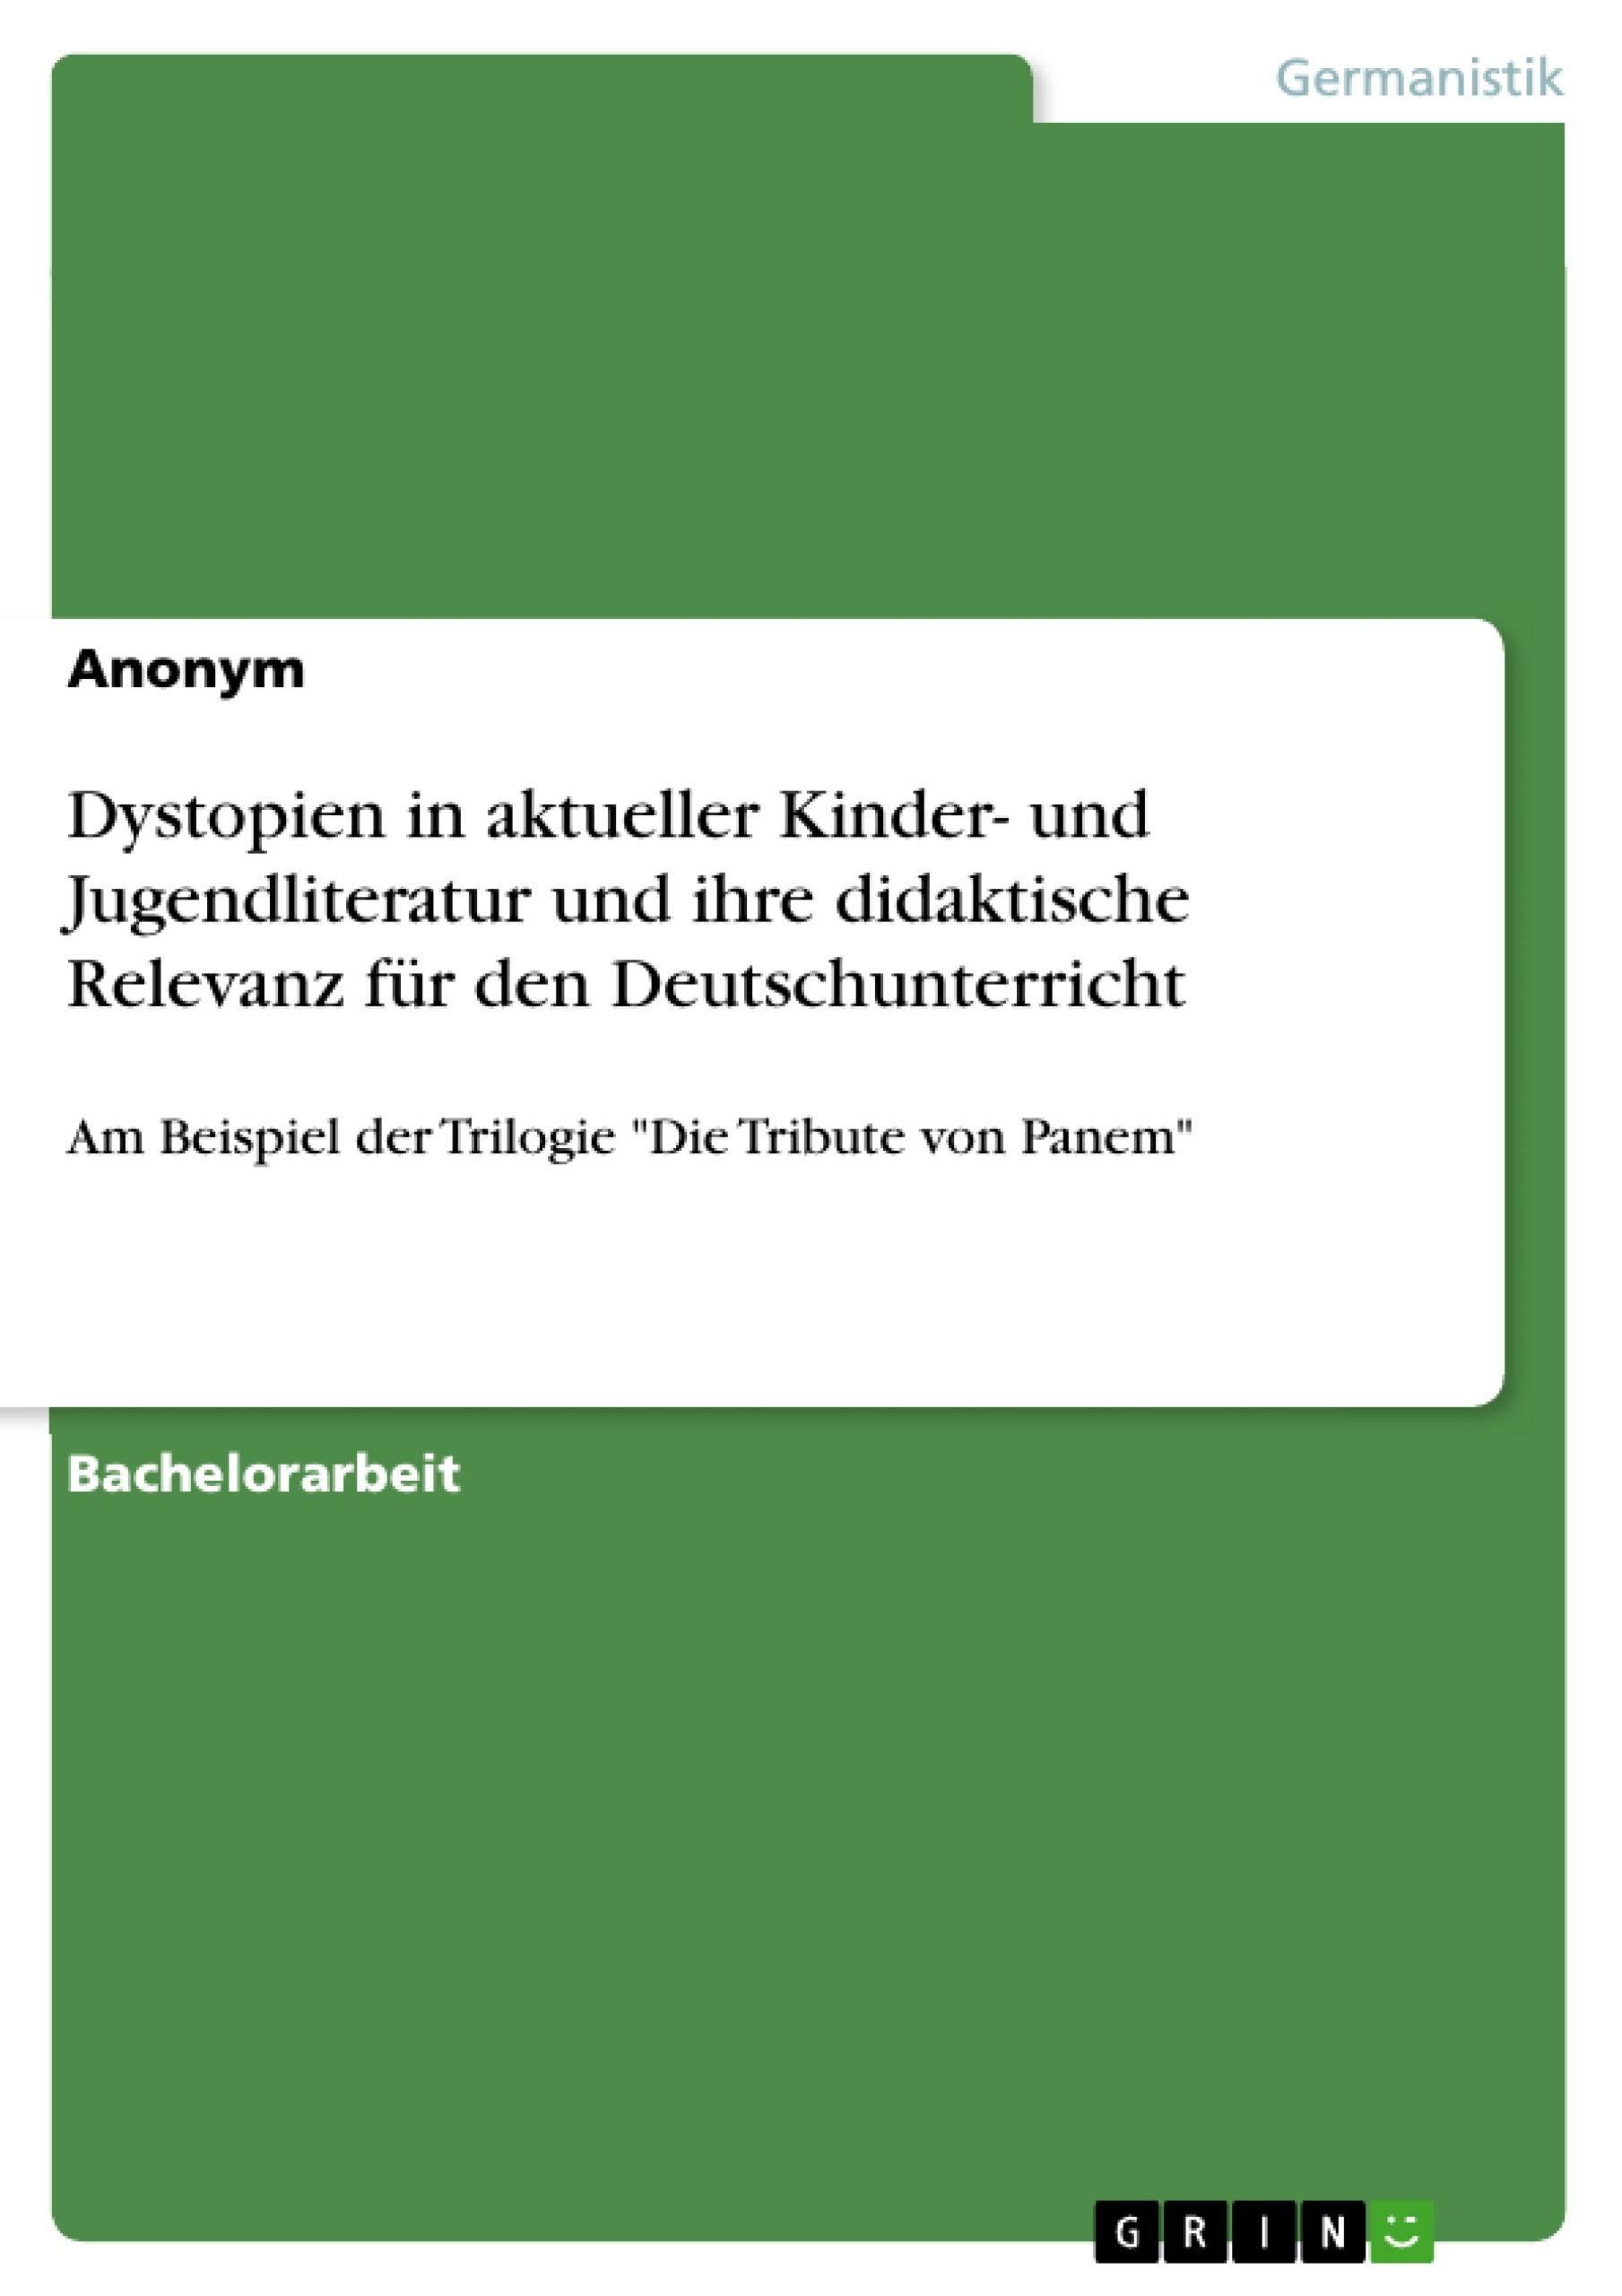 Titel: Dystopien in aktueller Kinder- und Jugendliteratur und ihre didaktische Relevanz für den Deutschunterricht